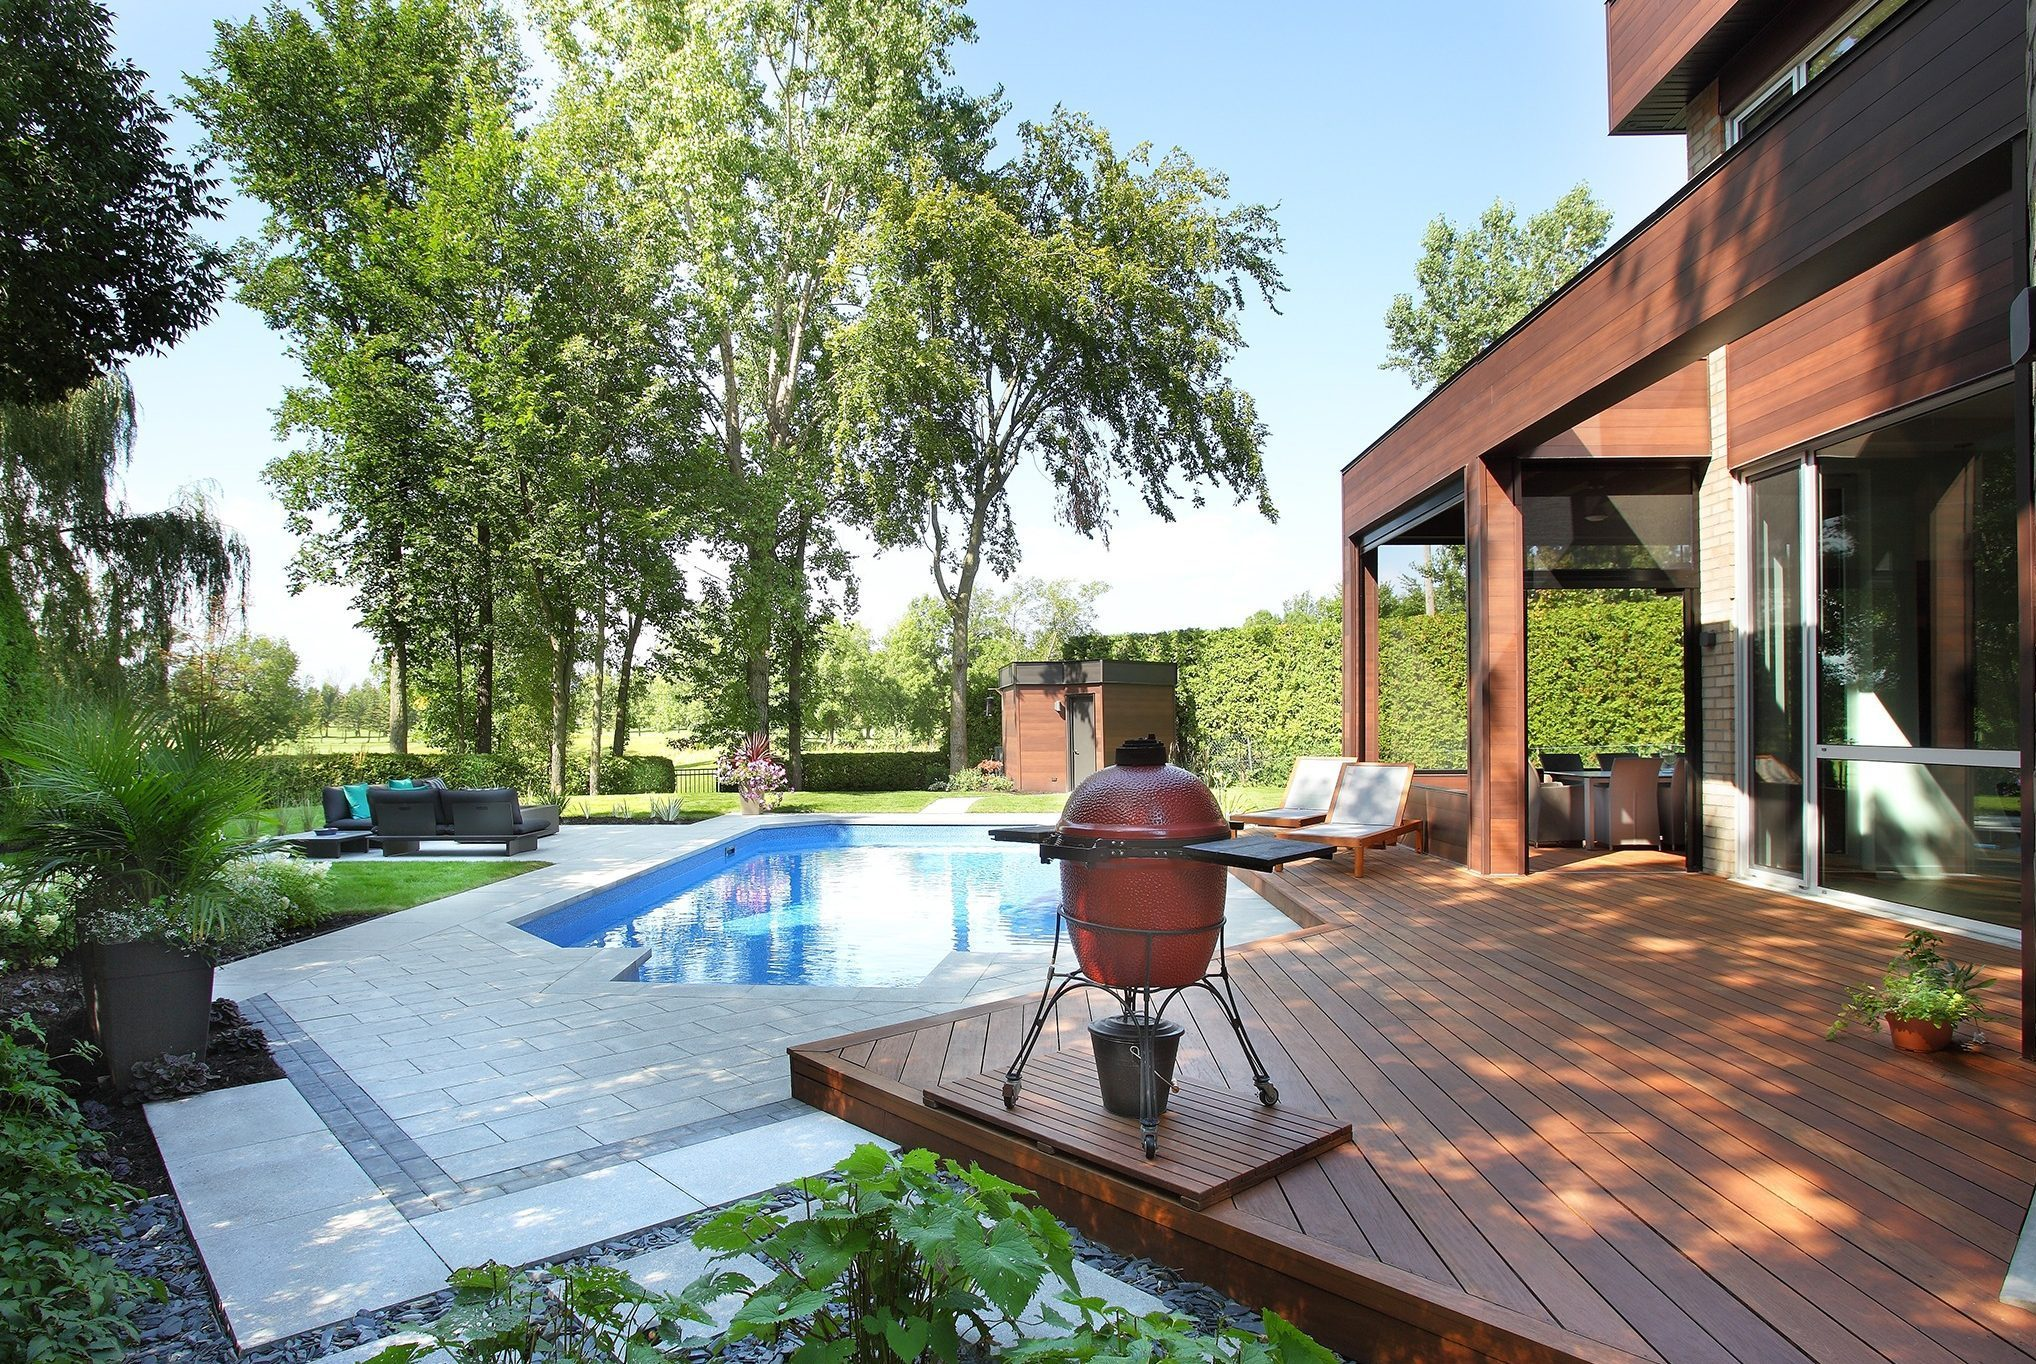 Aménagement paysager avec piscine à l'arrière d'une maison